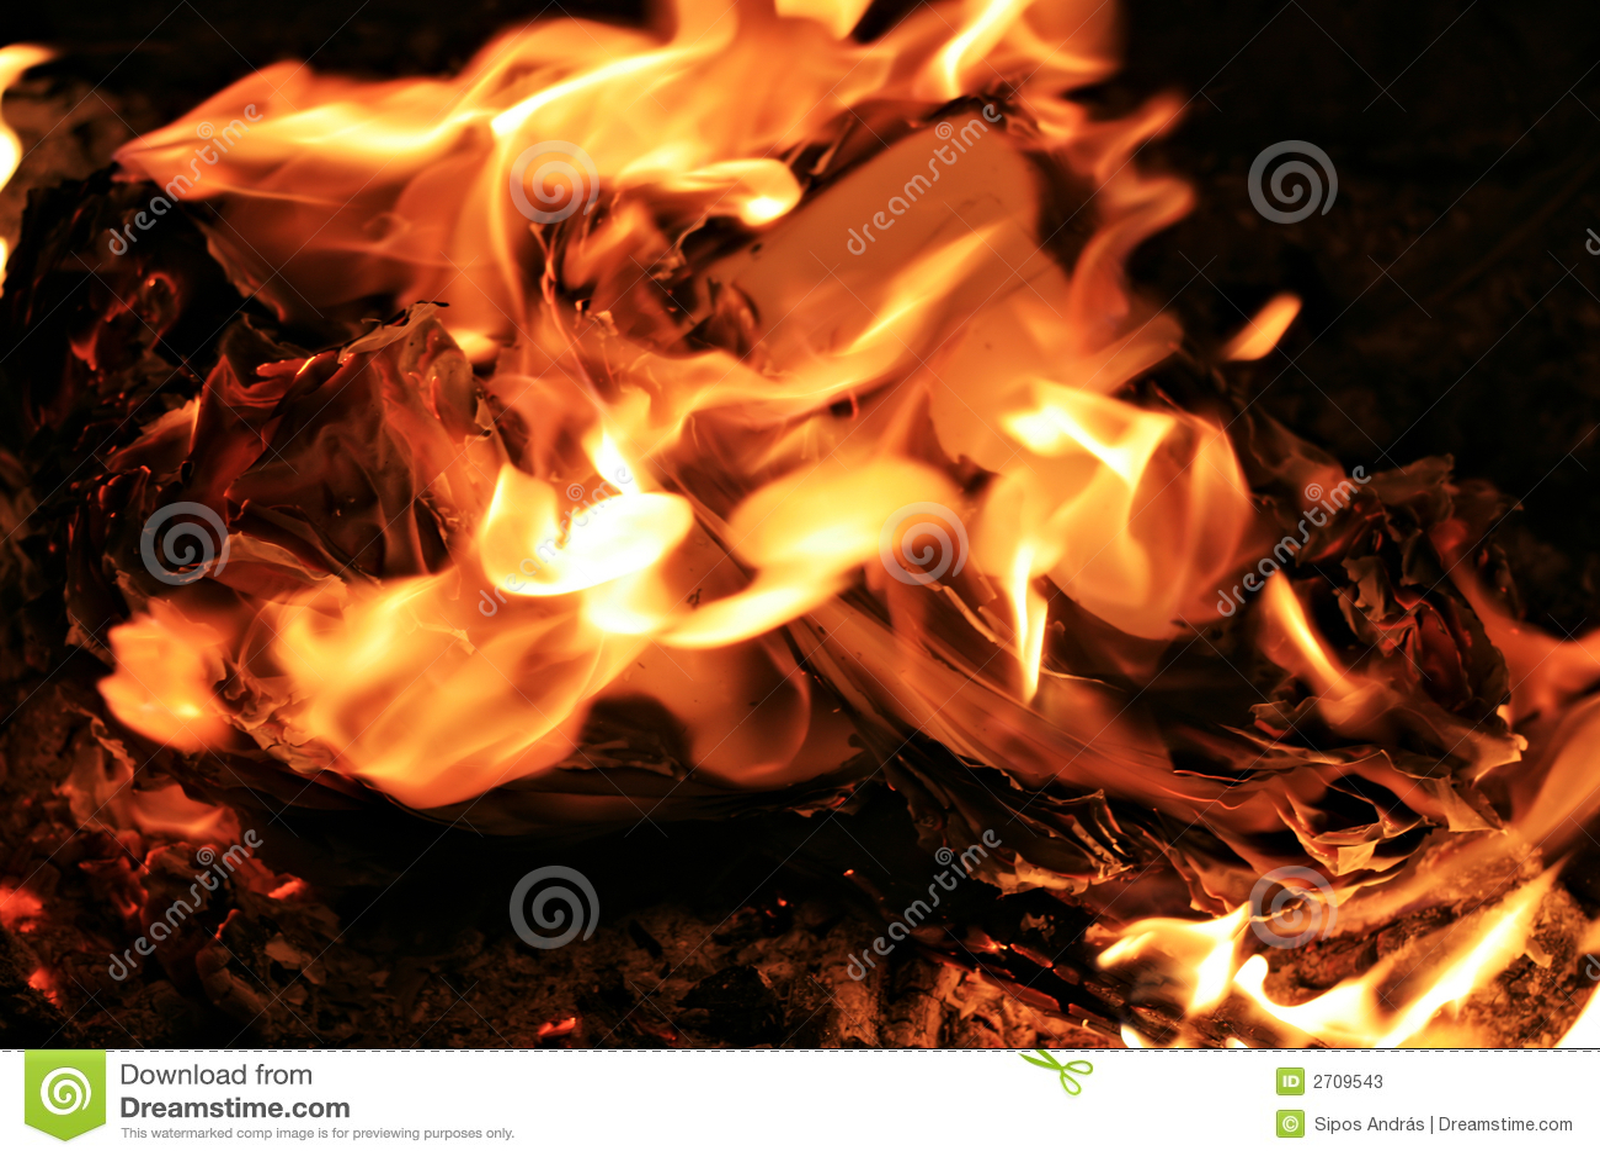 Documenti Burning